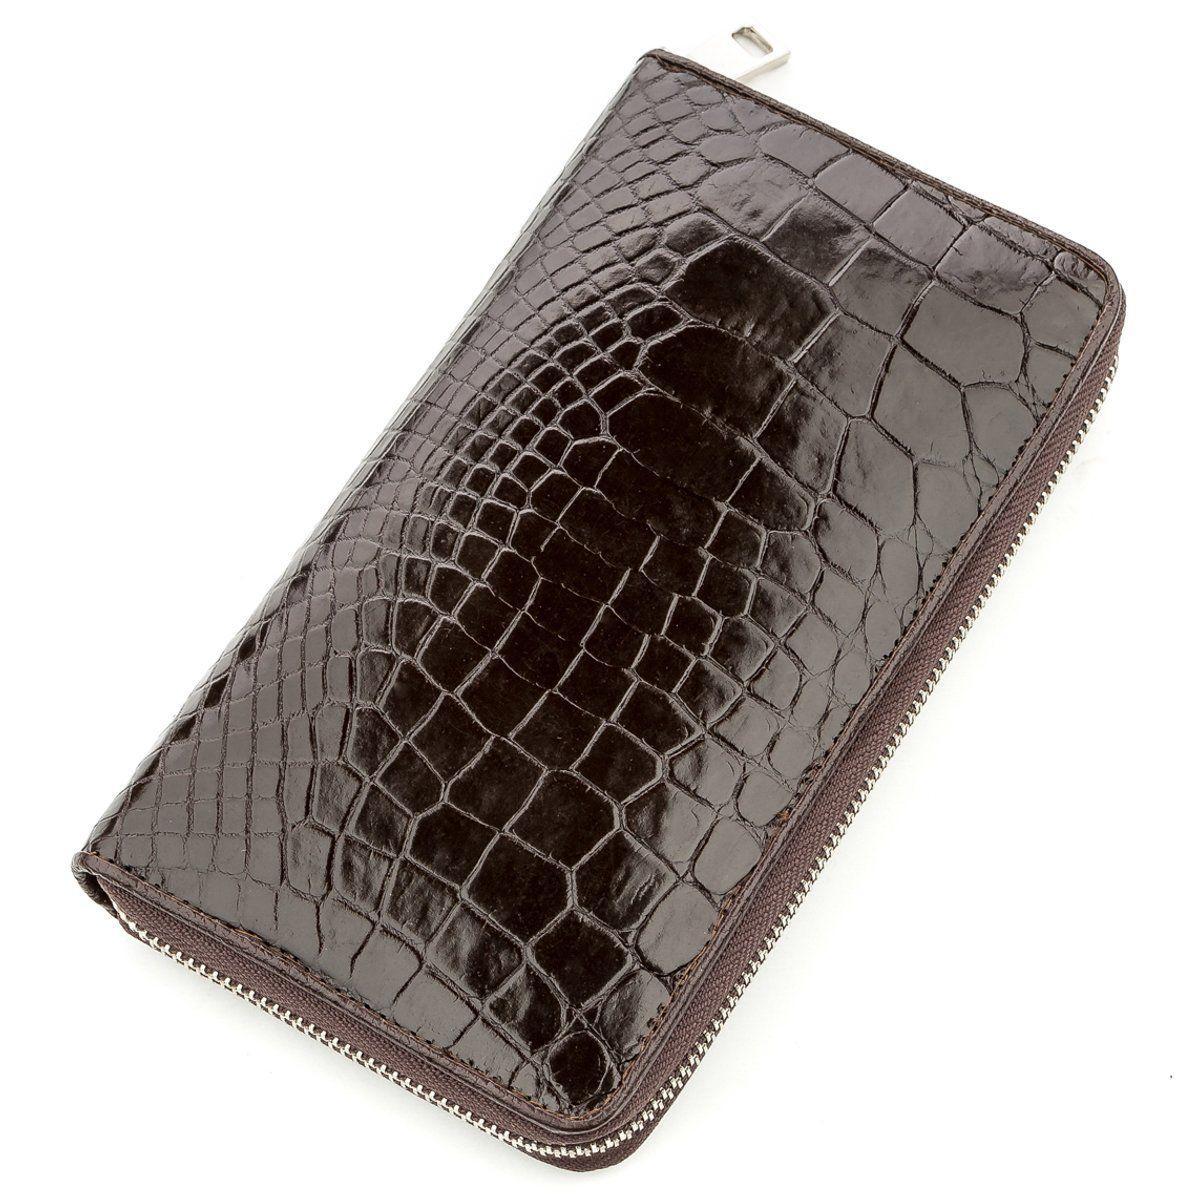 Чоловічий клатч Ekzotic Leather з натуральної шкіри крокодила Коричневий (cb 27)